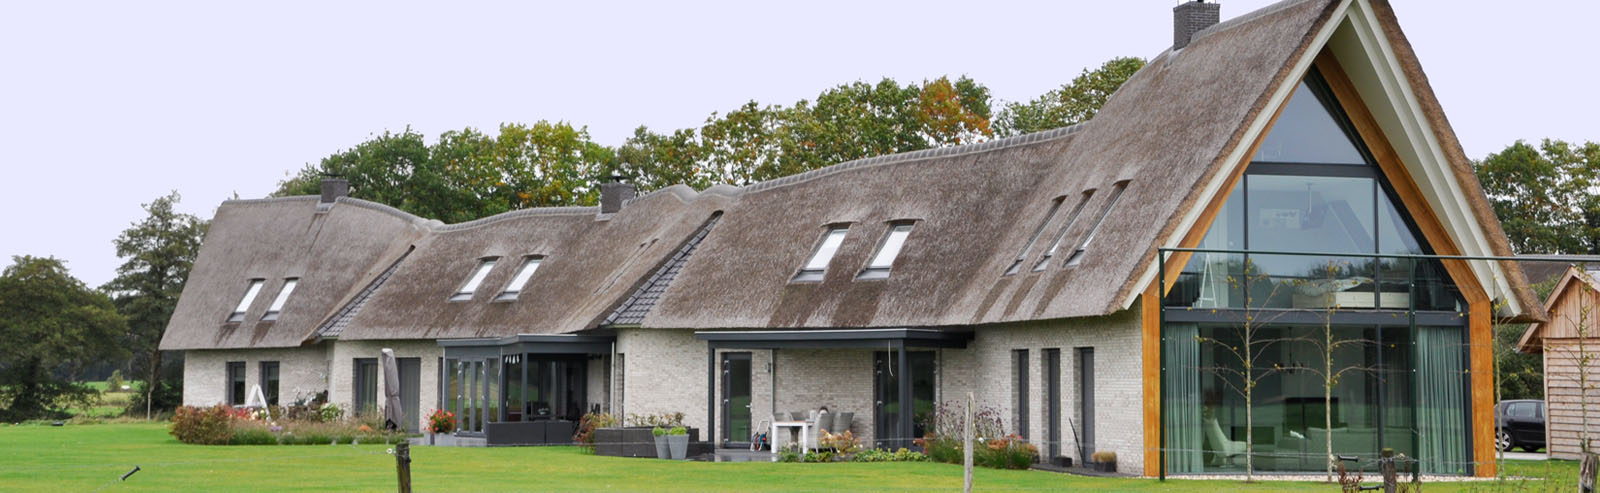 nieuwbouw-villa-dijkhuizen-epe